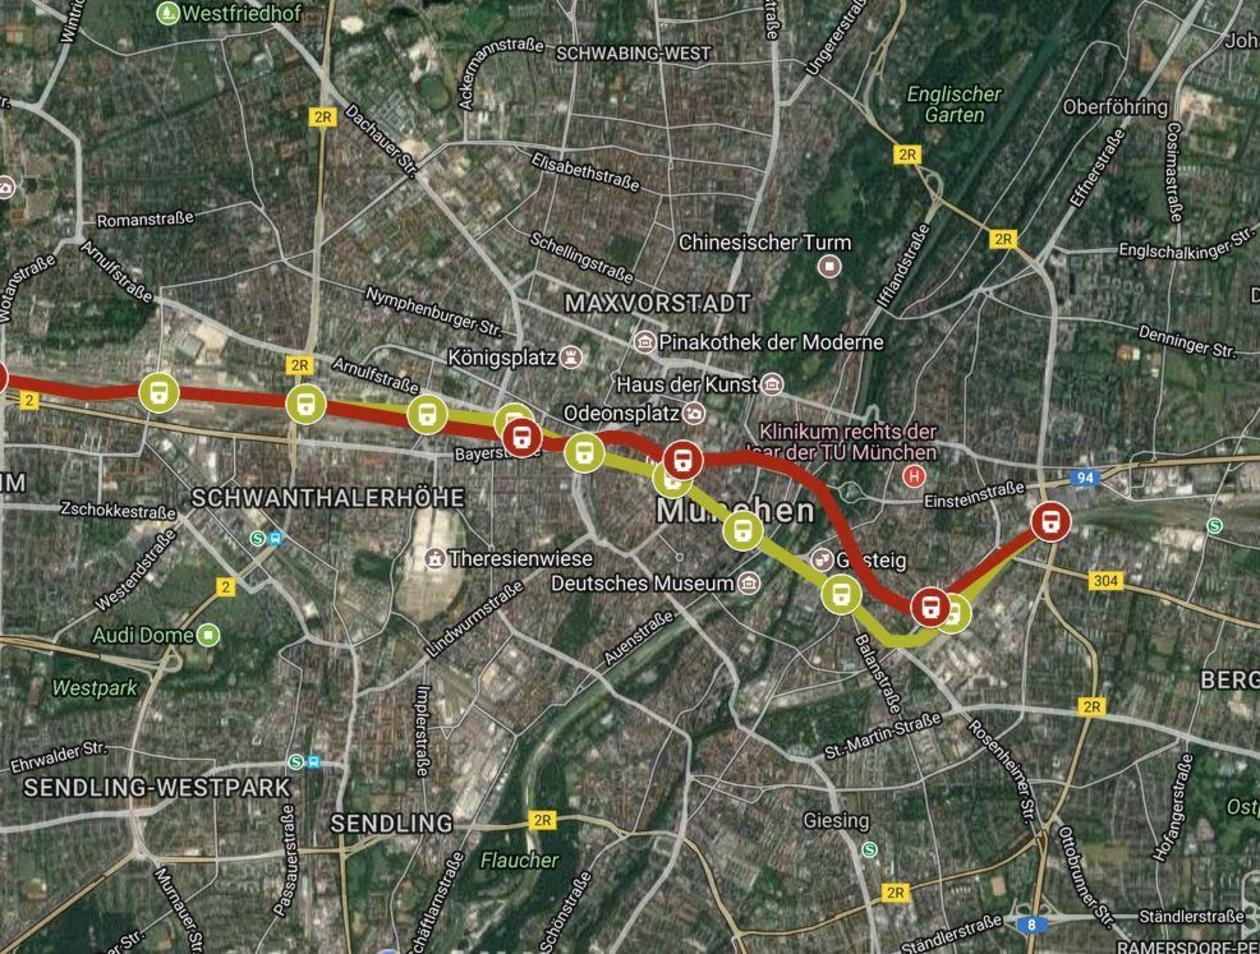 In 3500 Tagen Soll In München Die Zweite Stammstrecke